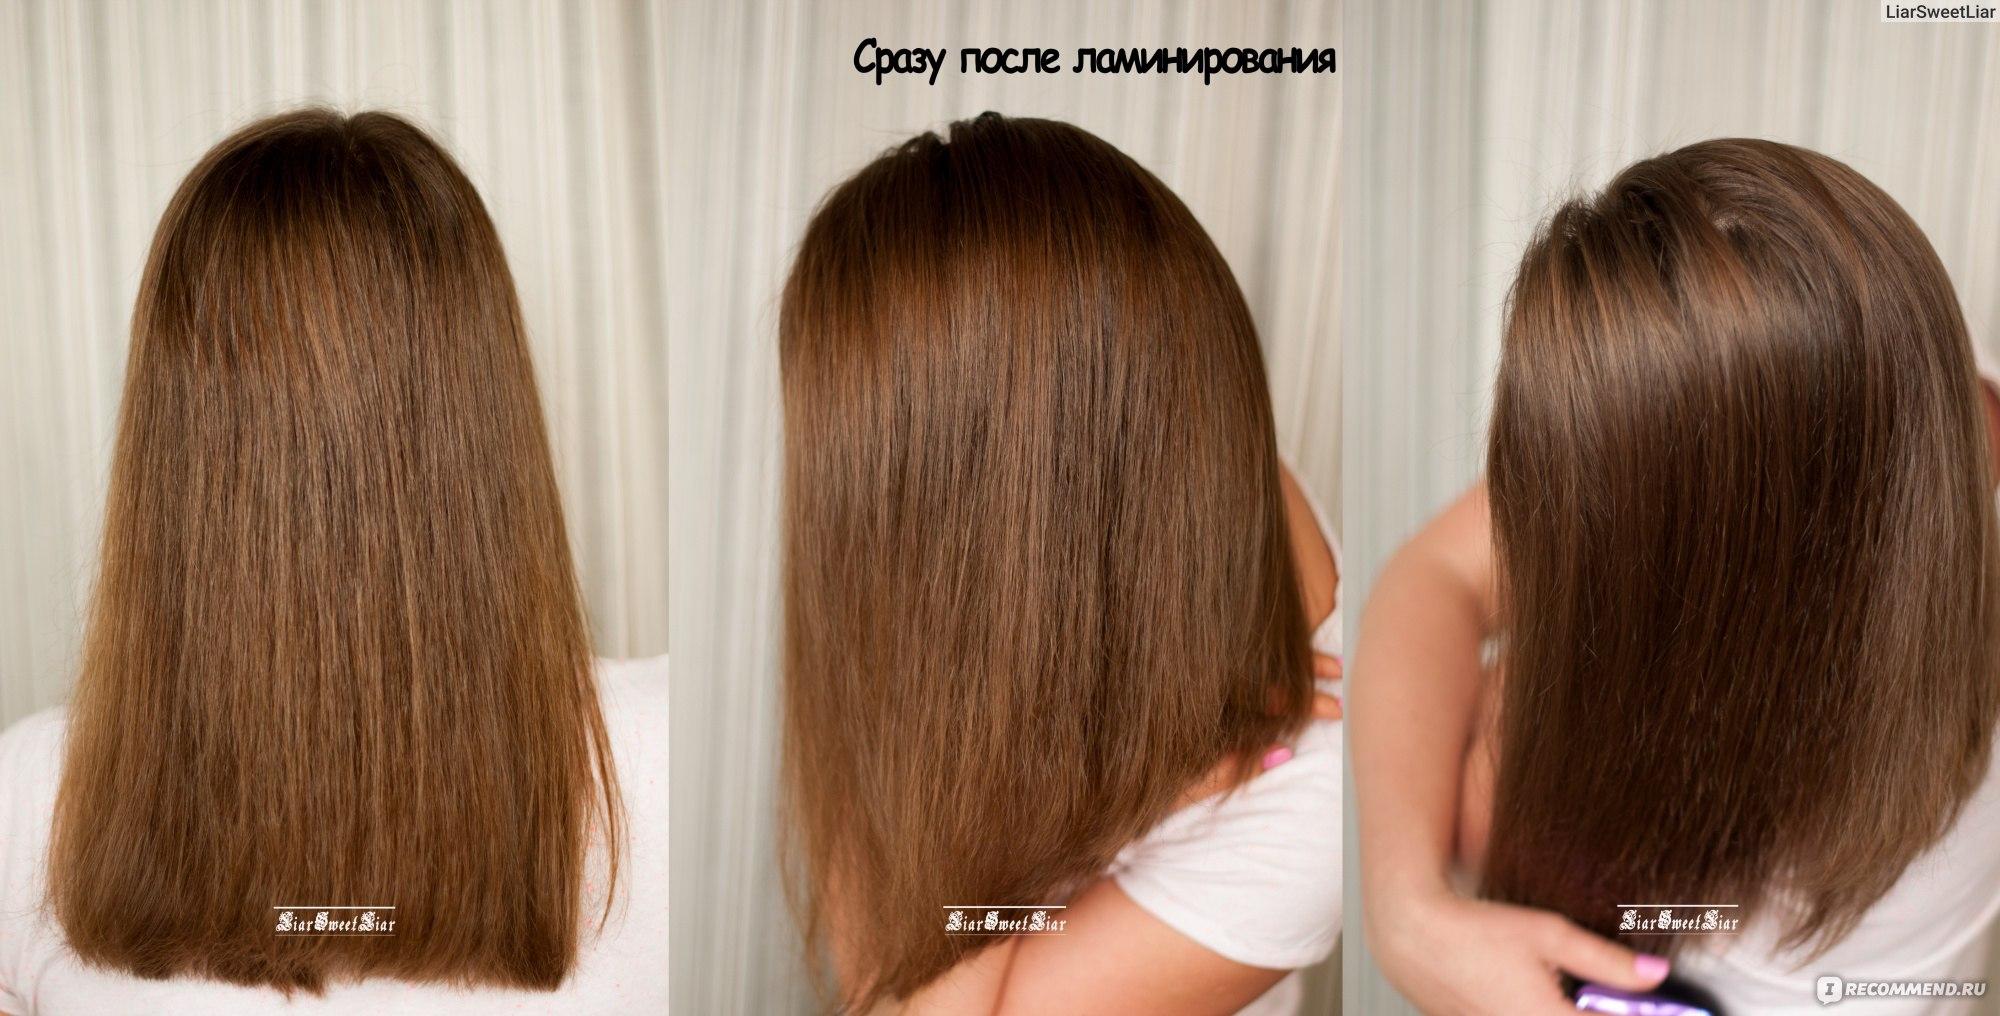 3d-ламинирование волос